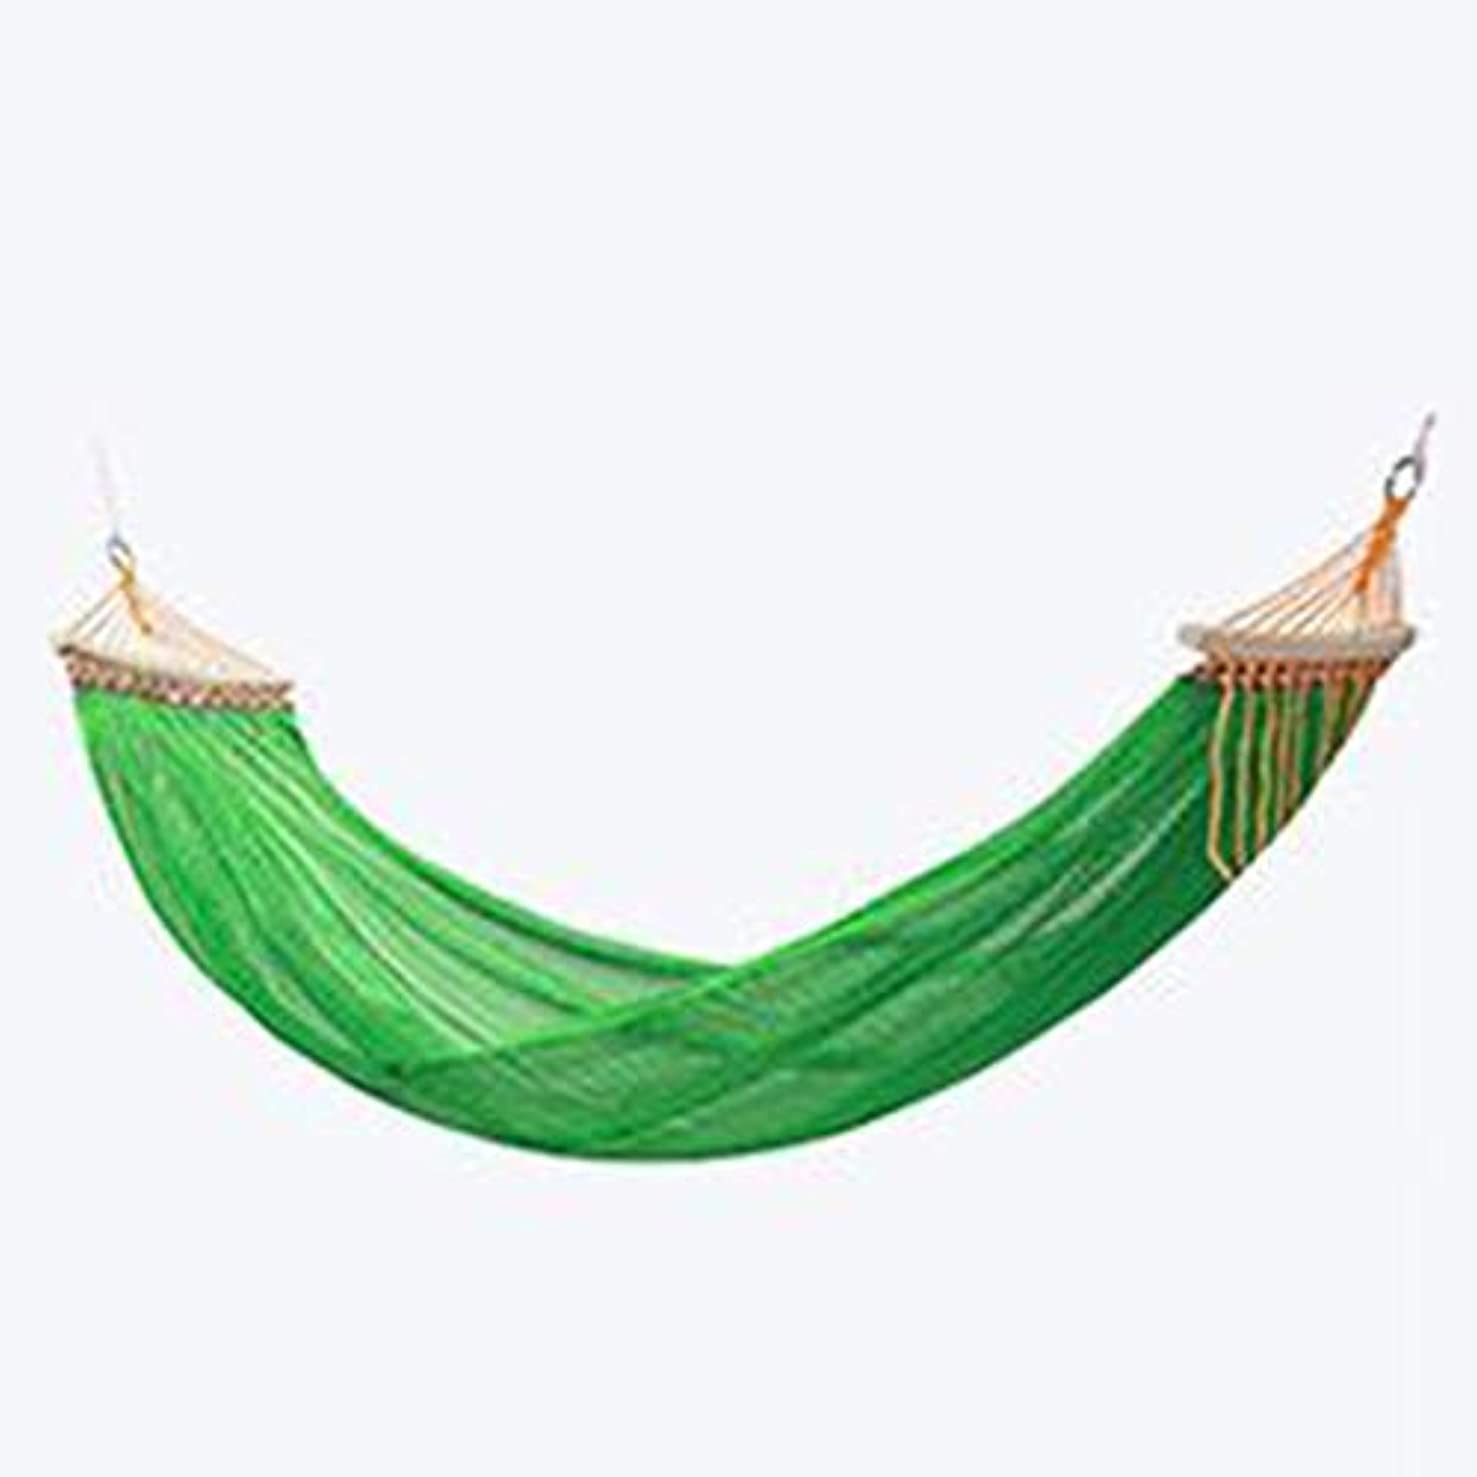 聖域勤勉積極的にキャンプのハンモック、バックパック、キャンプ、旅行、ビーチ、庭のあるシングルとダブルのポータブルライトパラシュートナイロンハンモック (Color : Green)